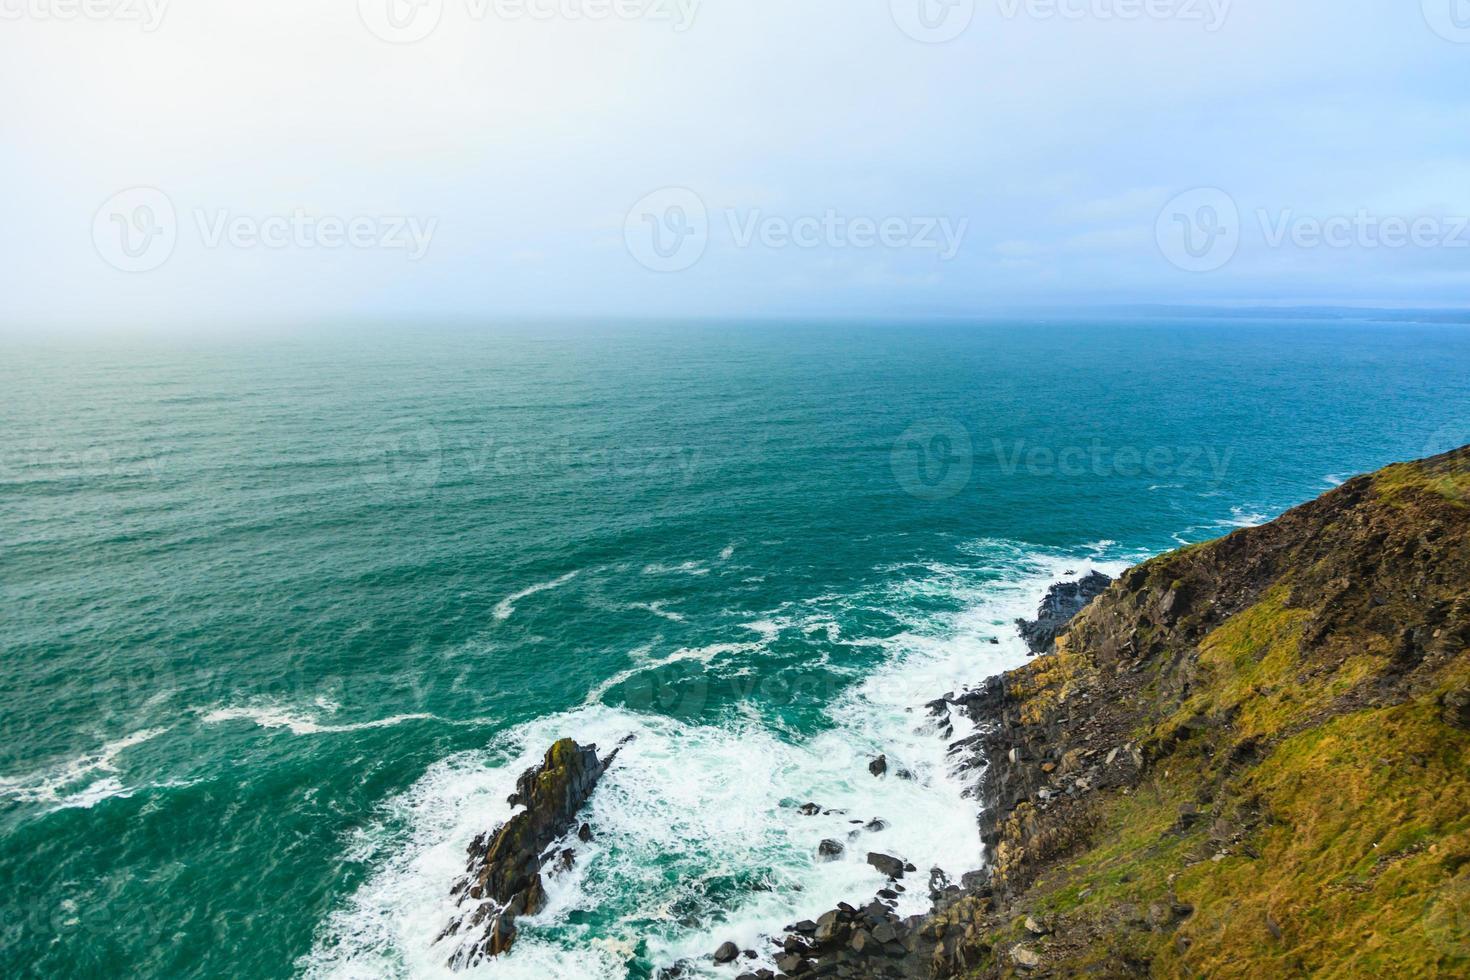 paisaje irlandés. Costa atlántica del condado de Cork, Irlanda foto